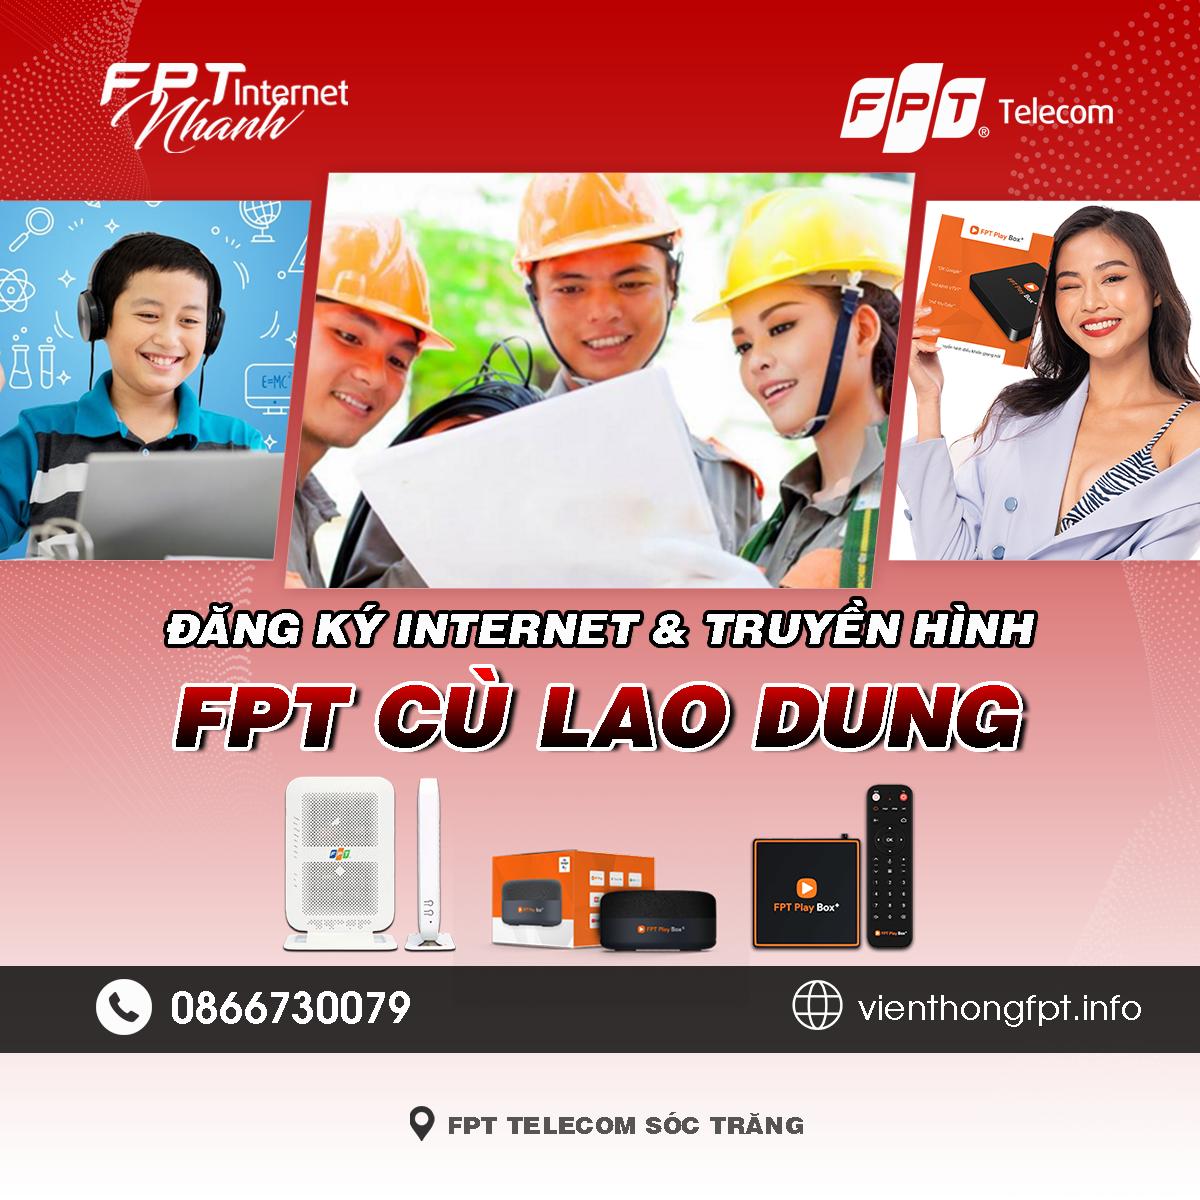 Tổng đài FPT Cù Lao Dung - Đơn vị lắp mạng Internet và Truyền hình FPT